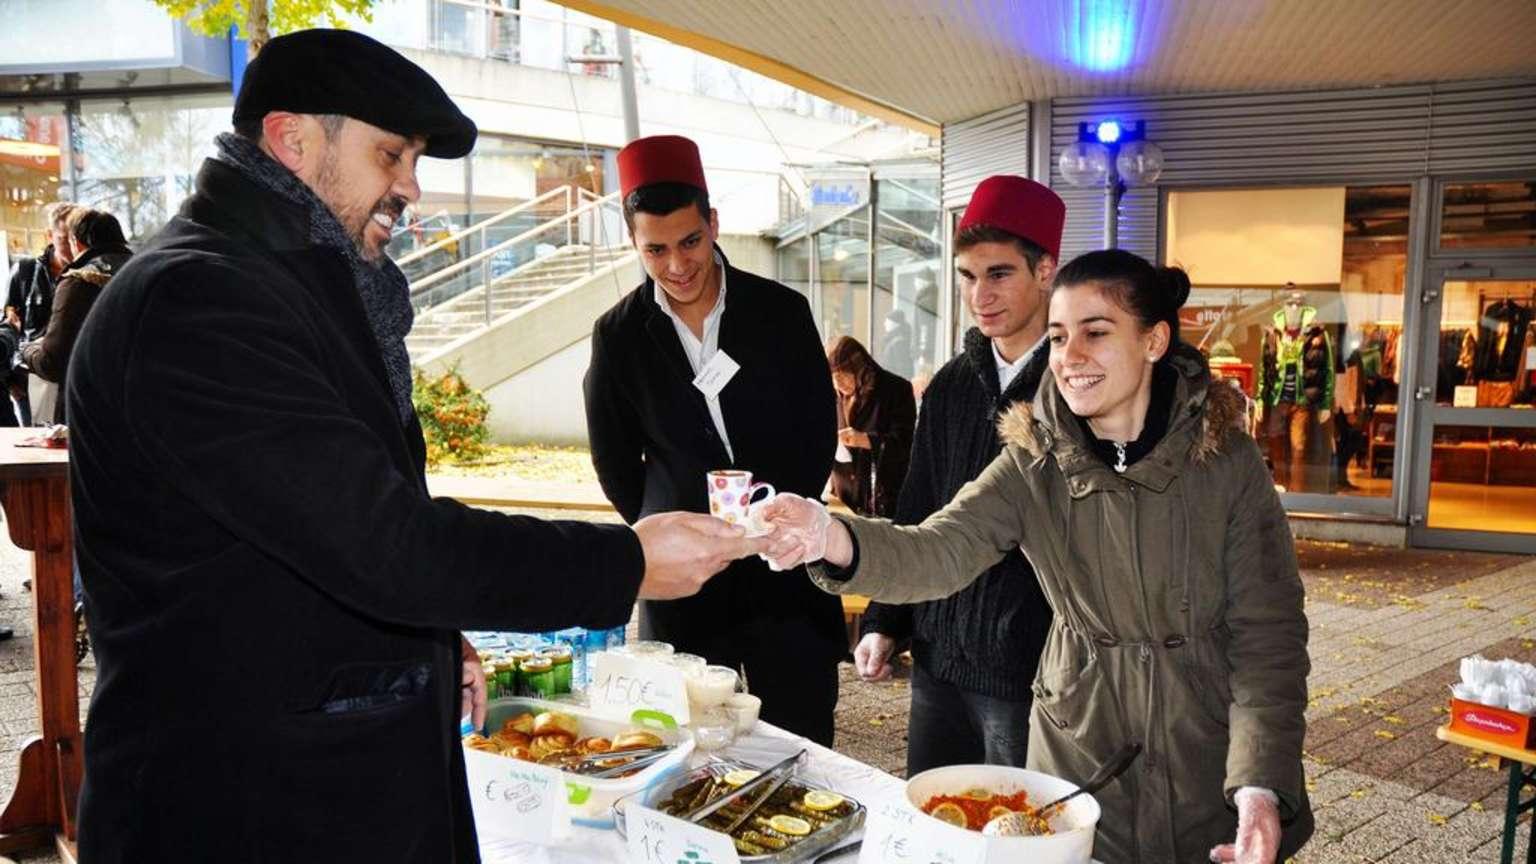 Ich will dich kennenlernen turkisch